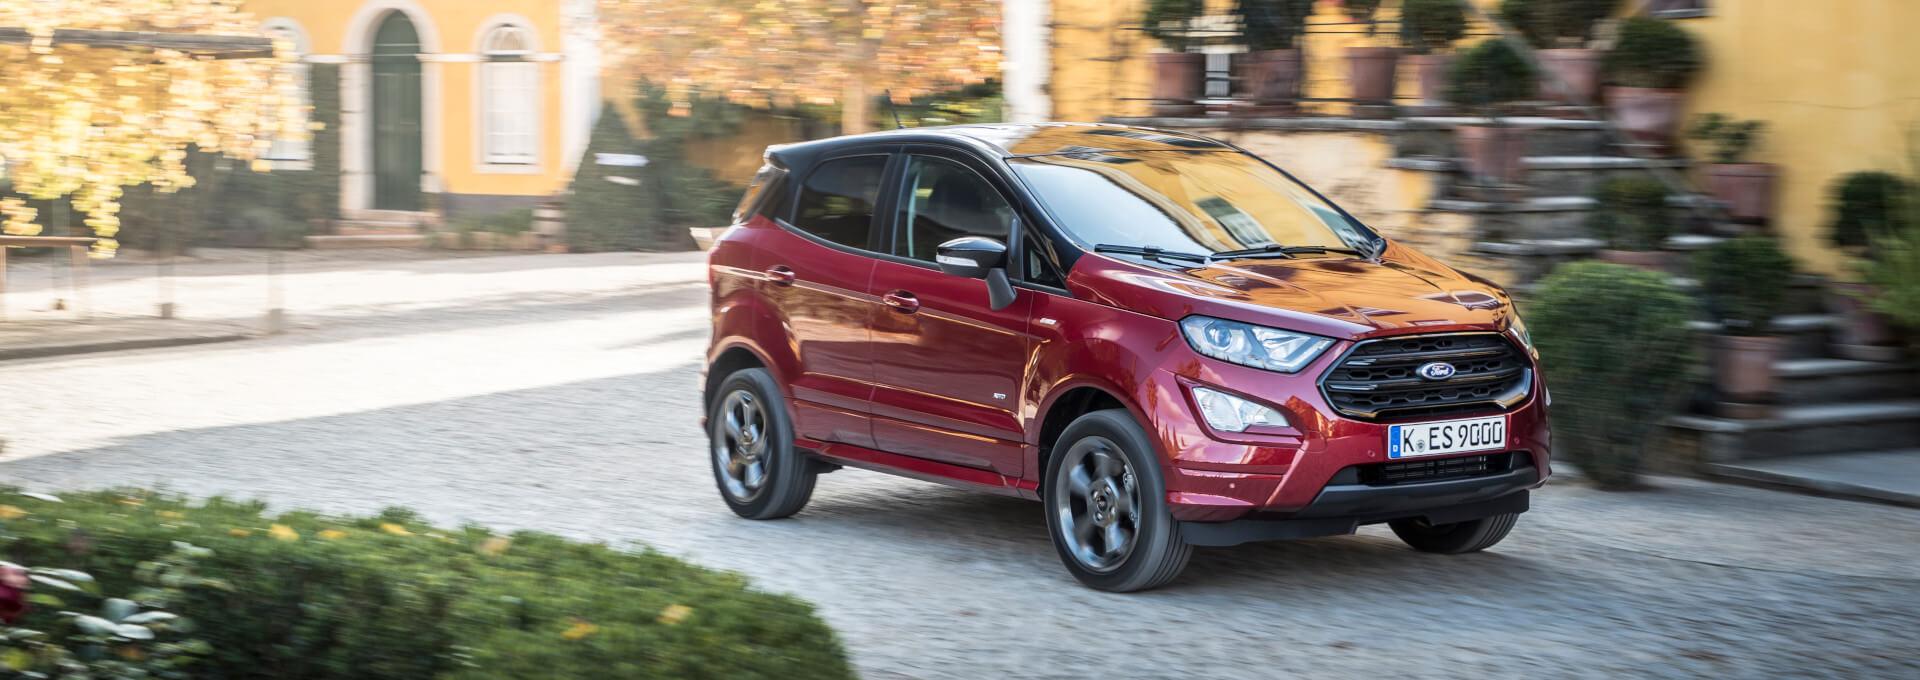 roter Ford Ecosport SUV auf Straße